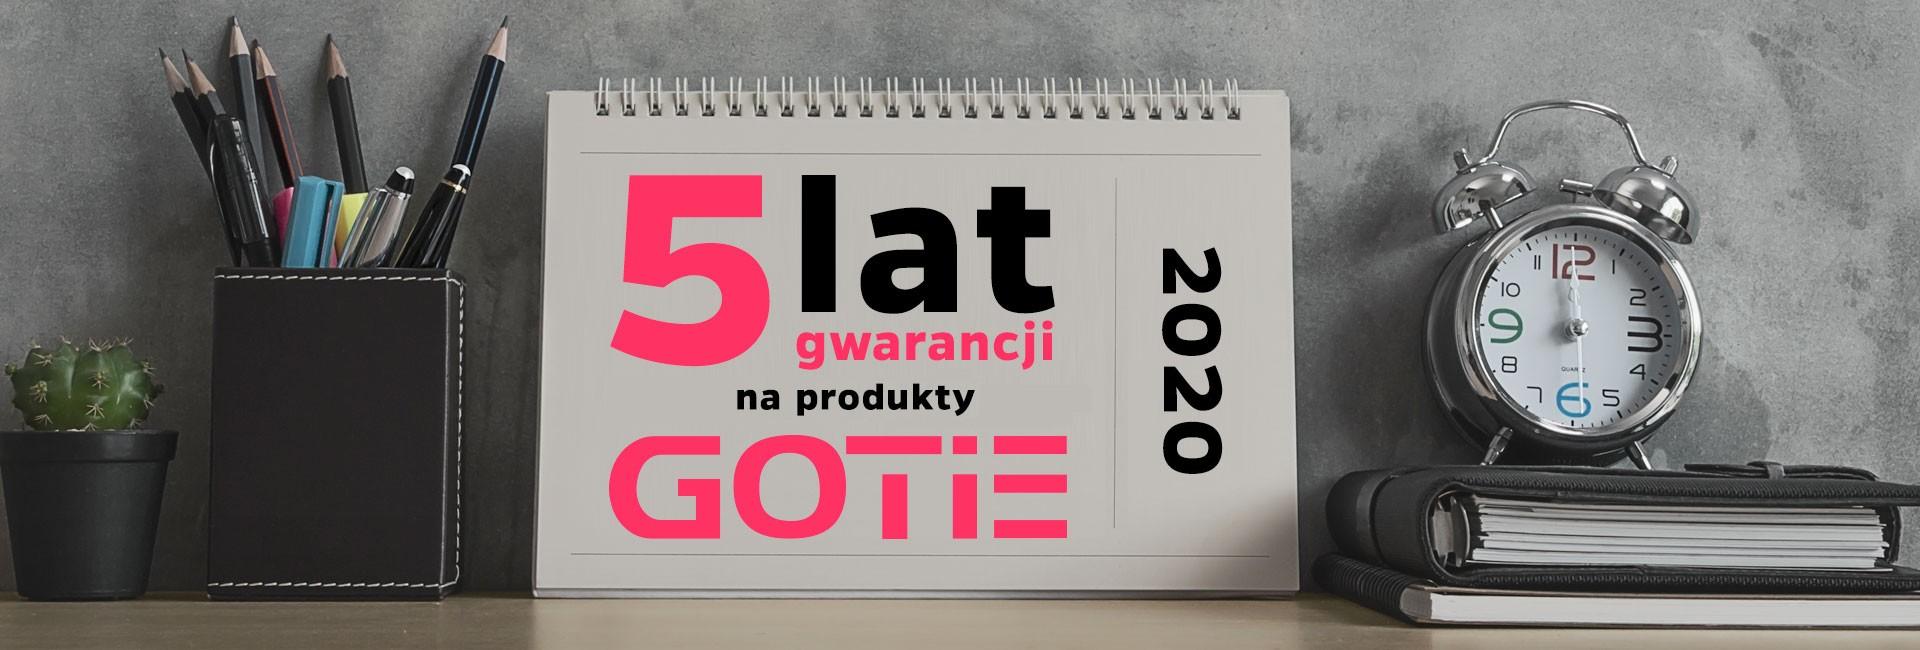 Formularz | 5 lat gwarancji GOTIE